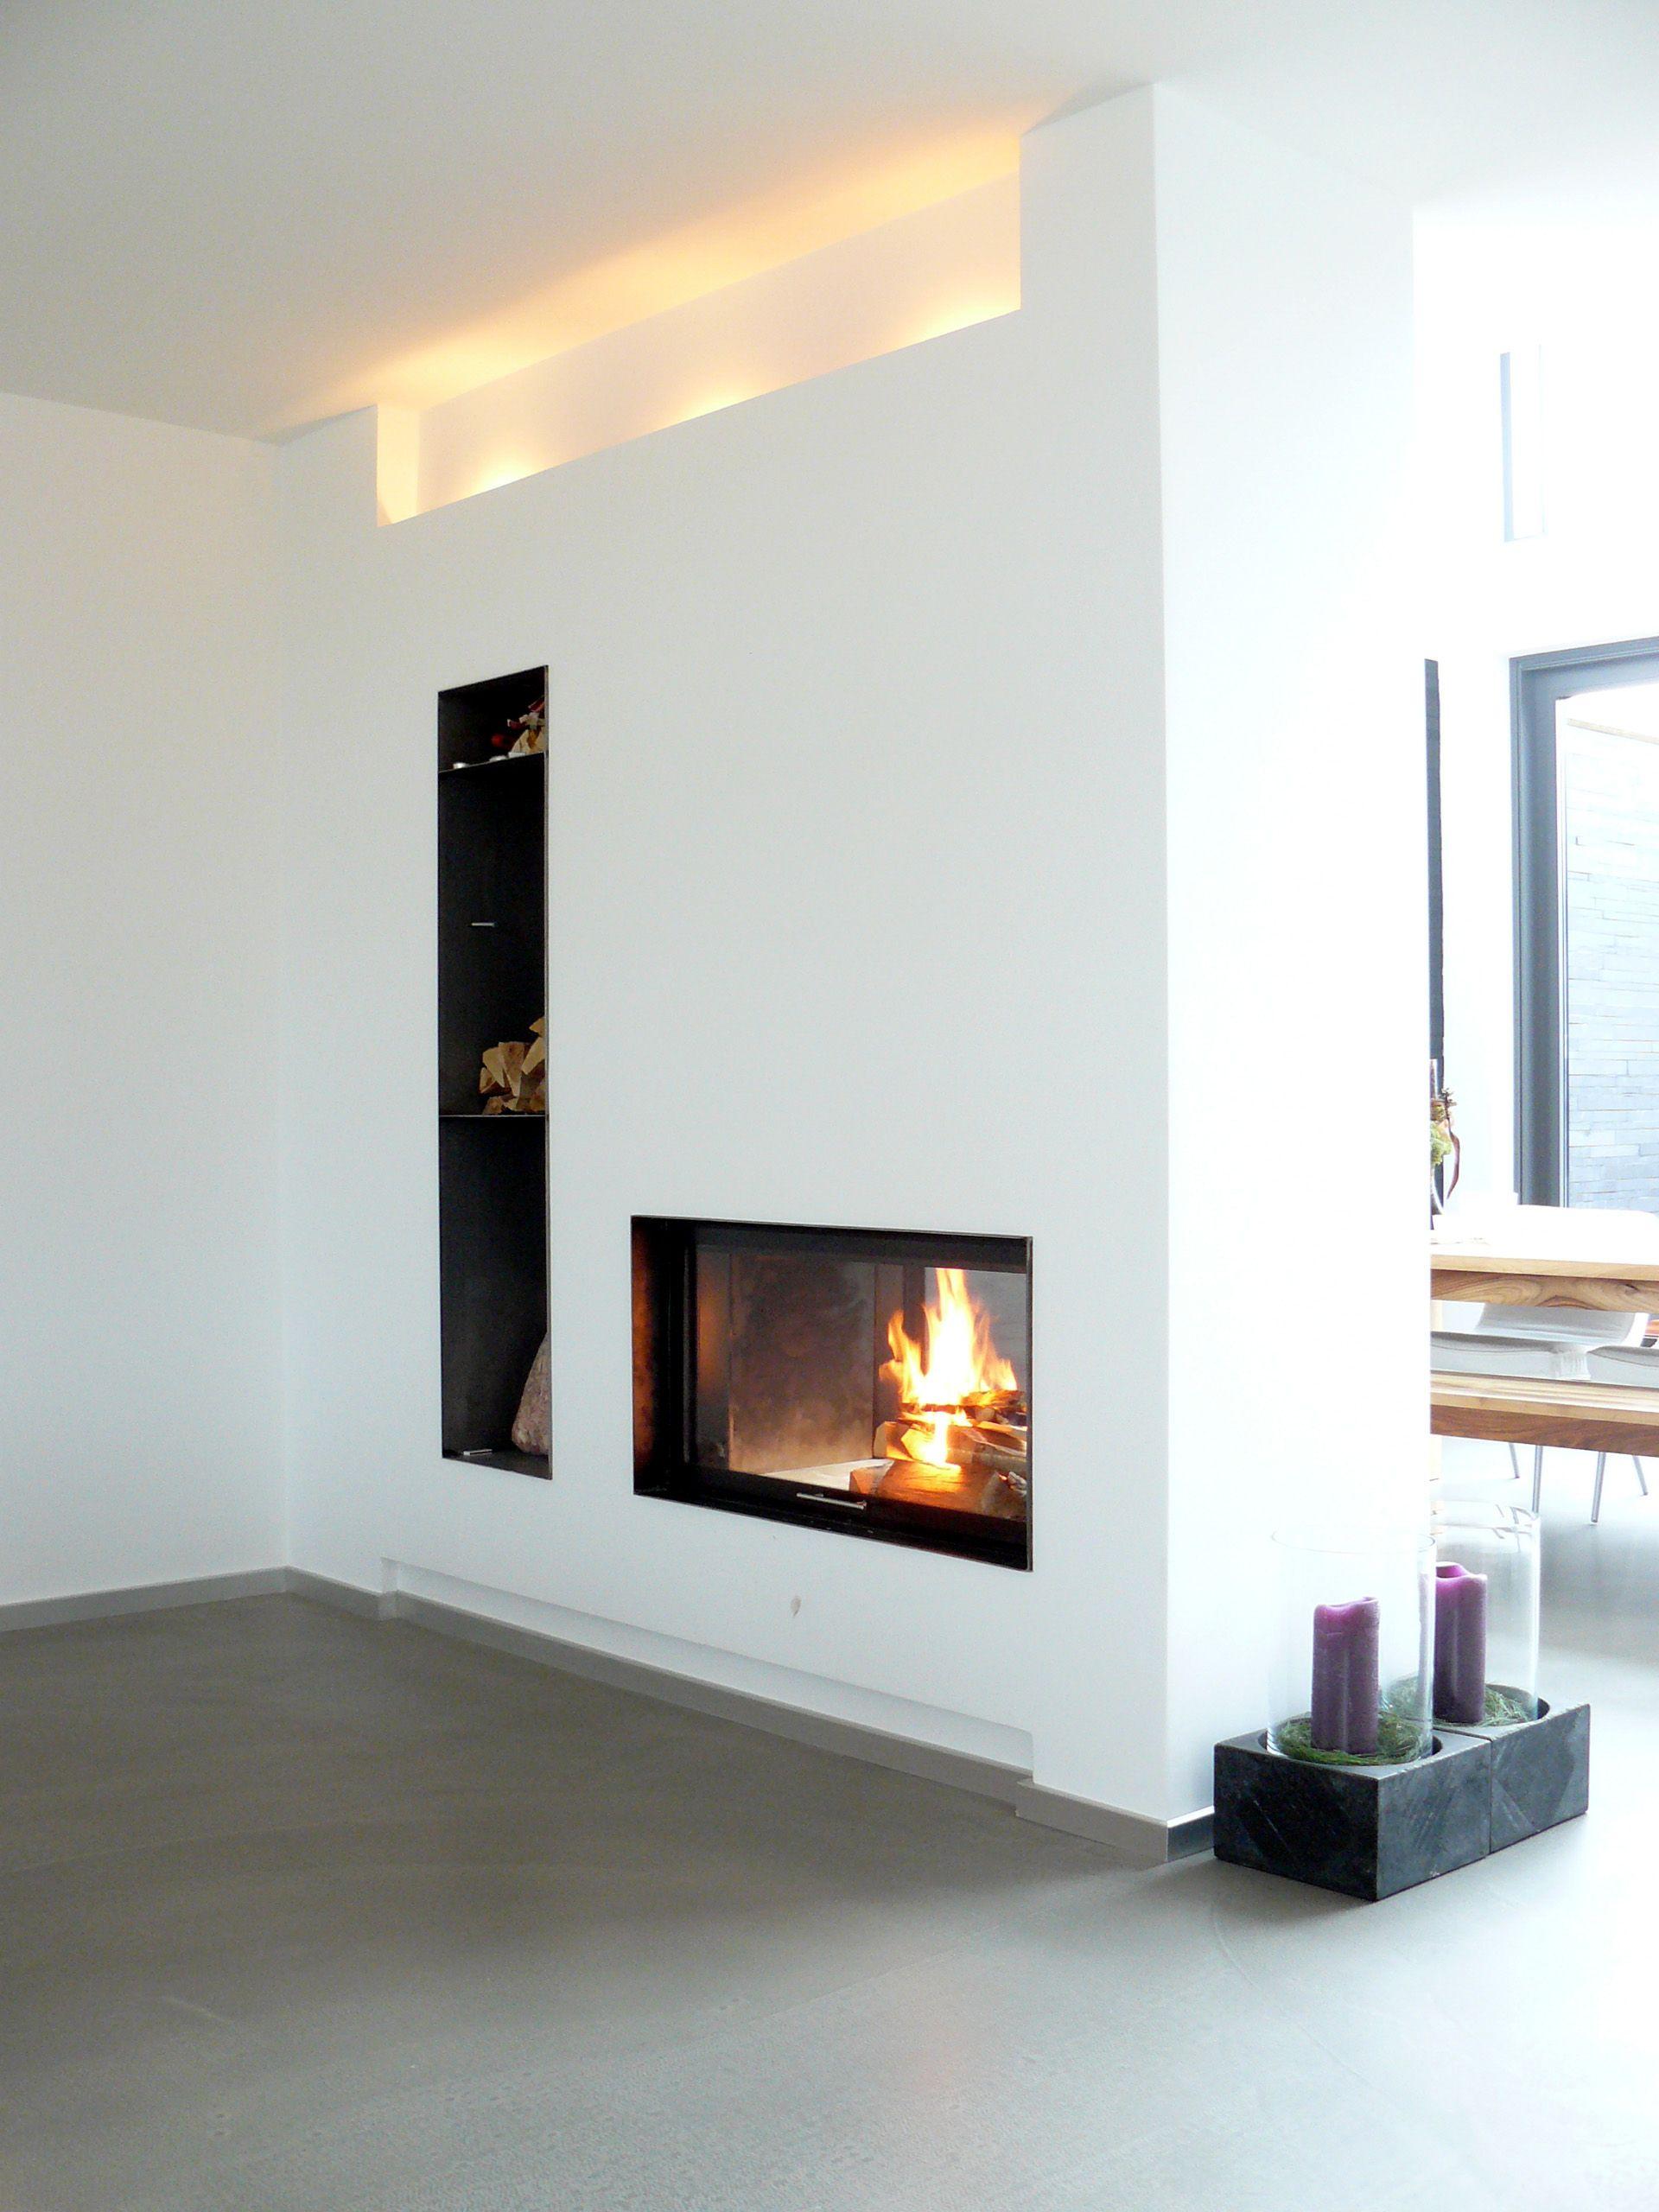 kamin mit tunneleinsatz kominki pinterest haus kachelofen und ofen. Black Bedroom Furniture Sets. Home Design Ideas